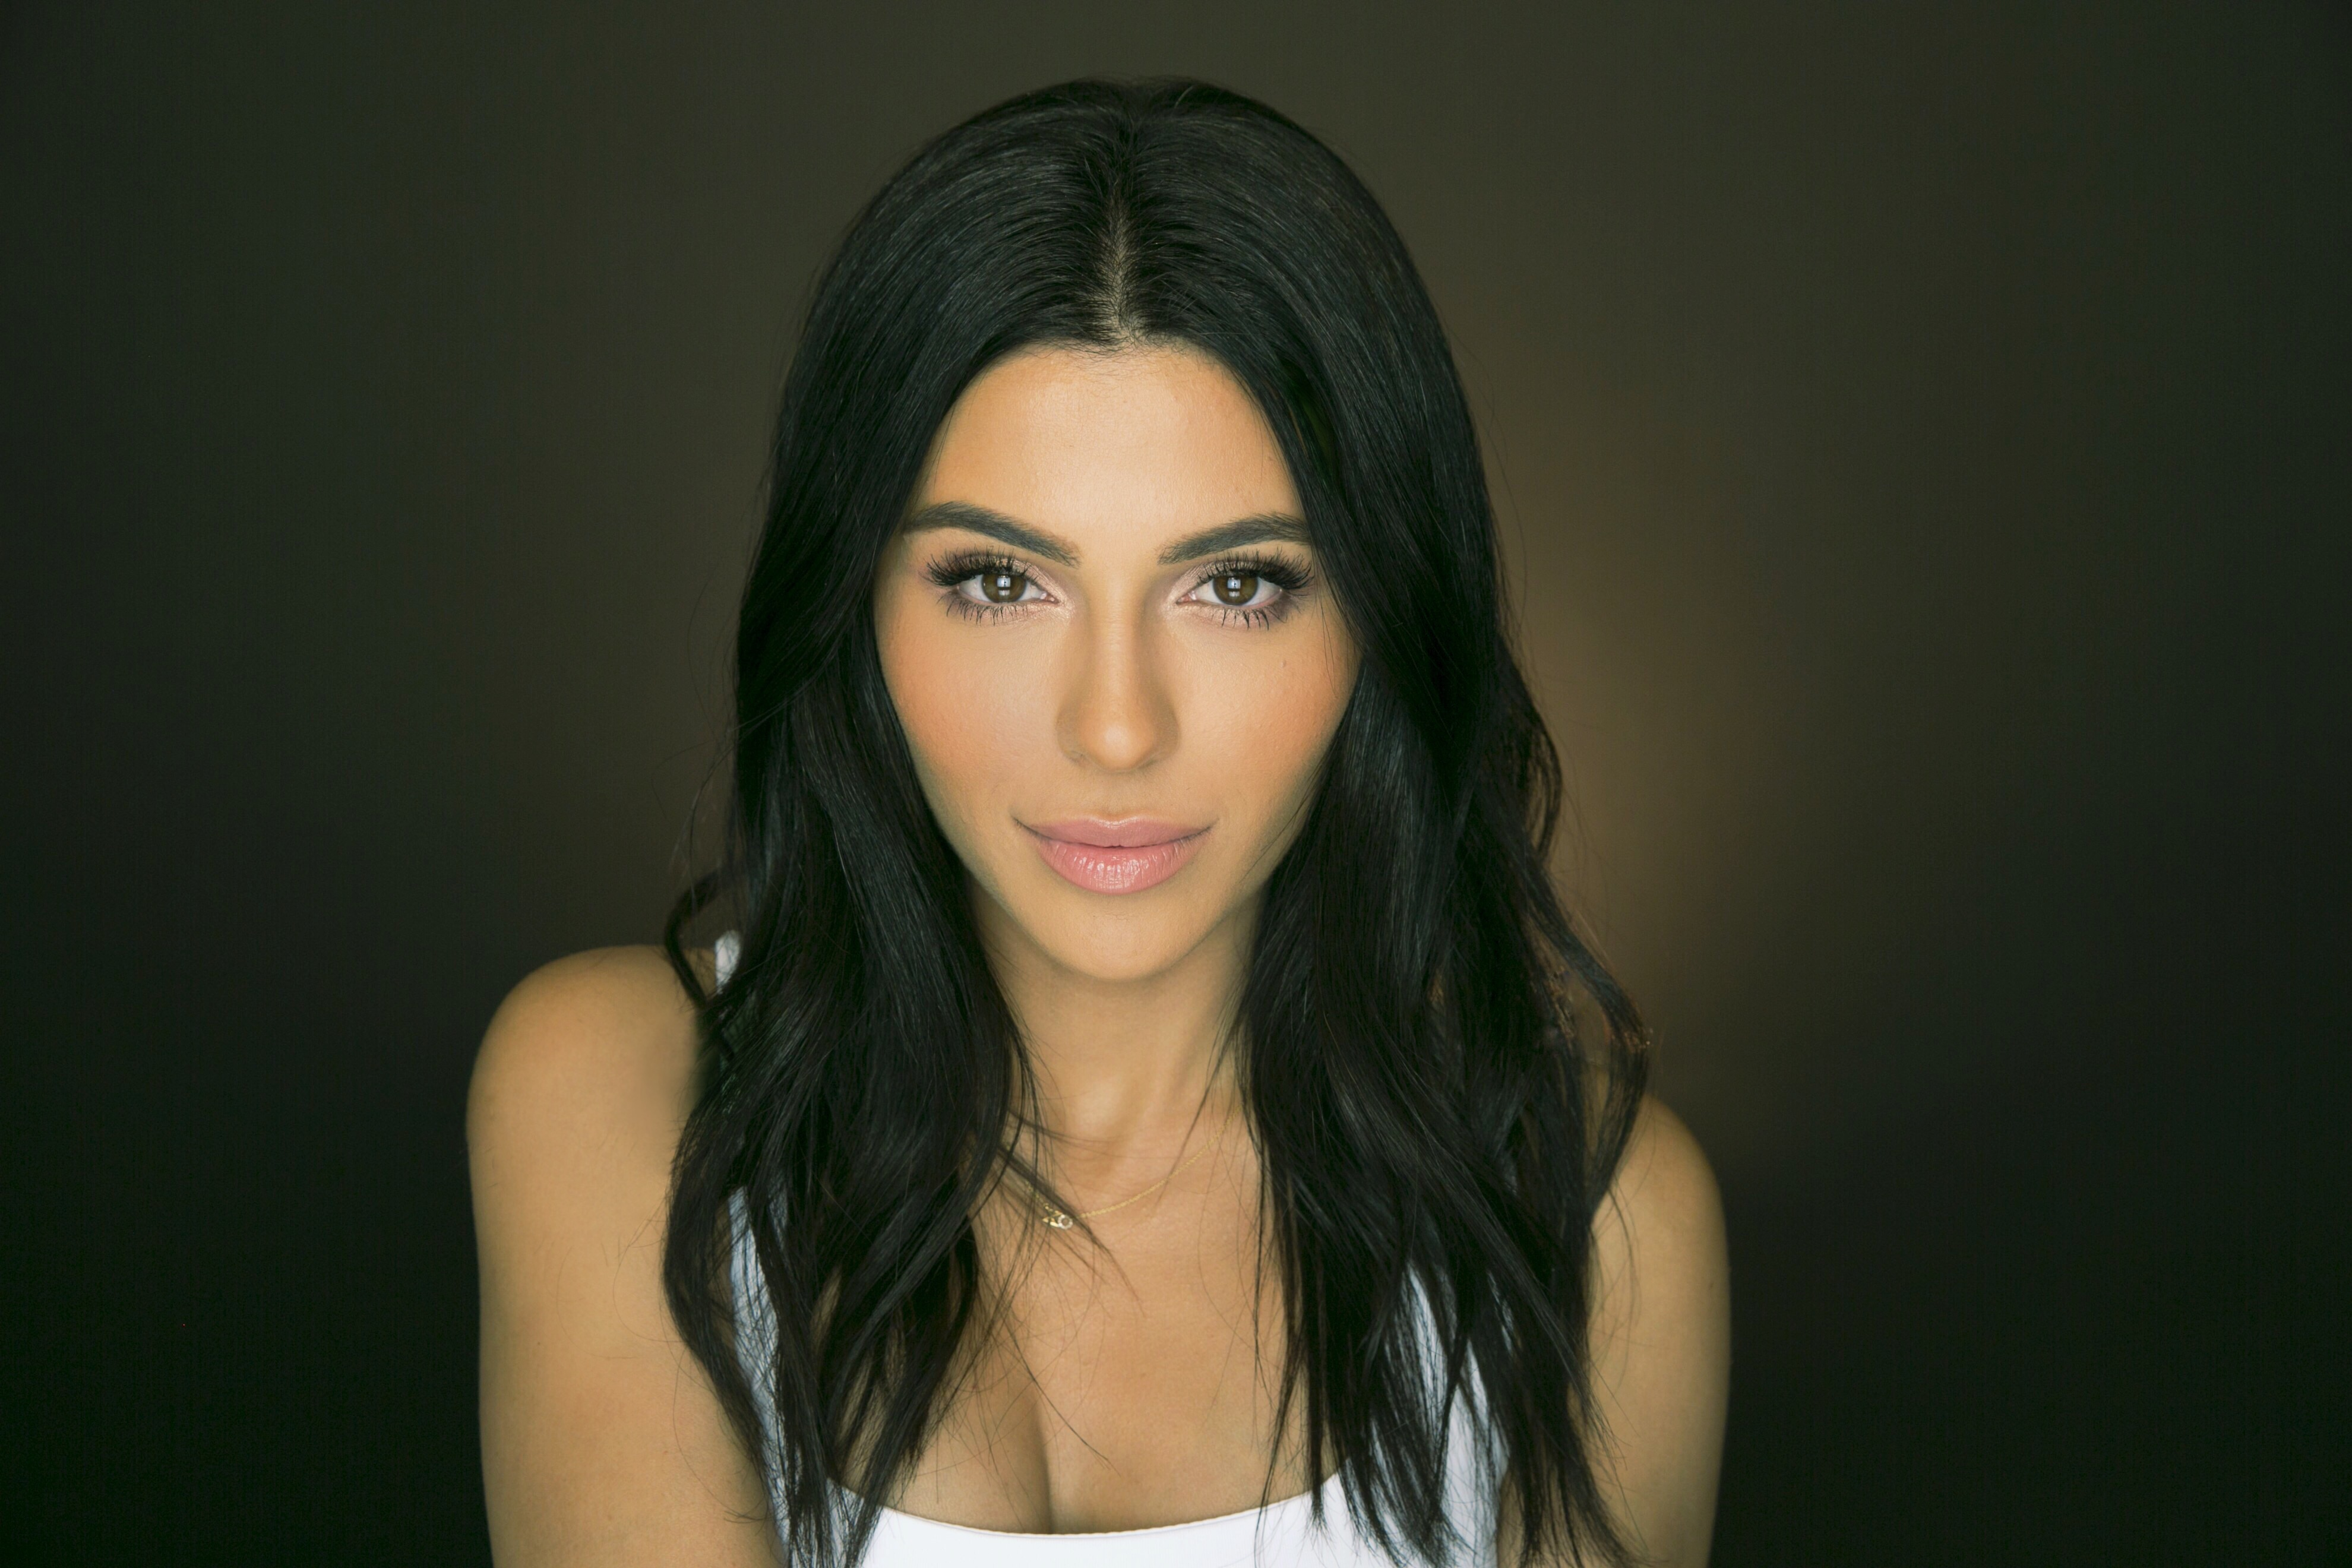 YouTube beauty personality Teni Panosian